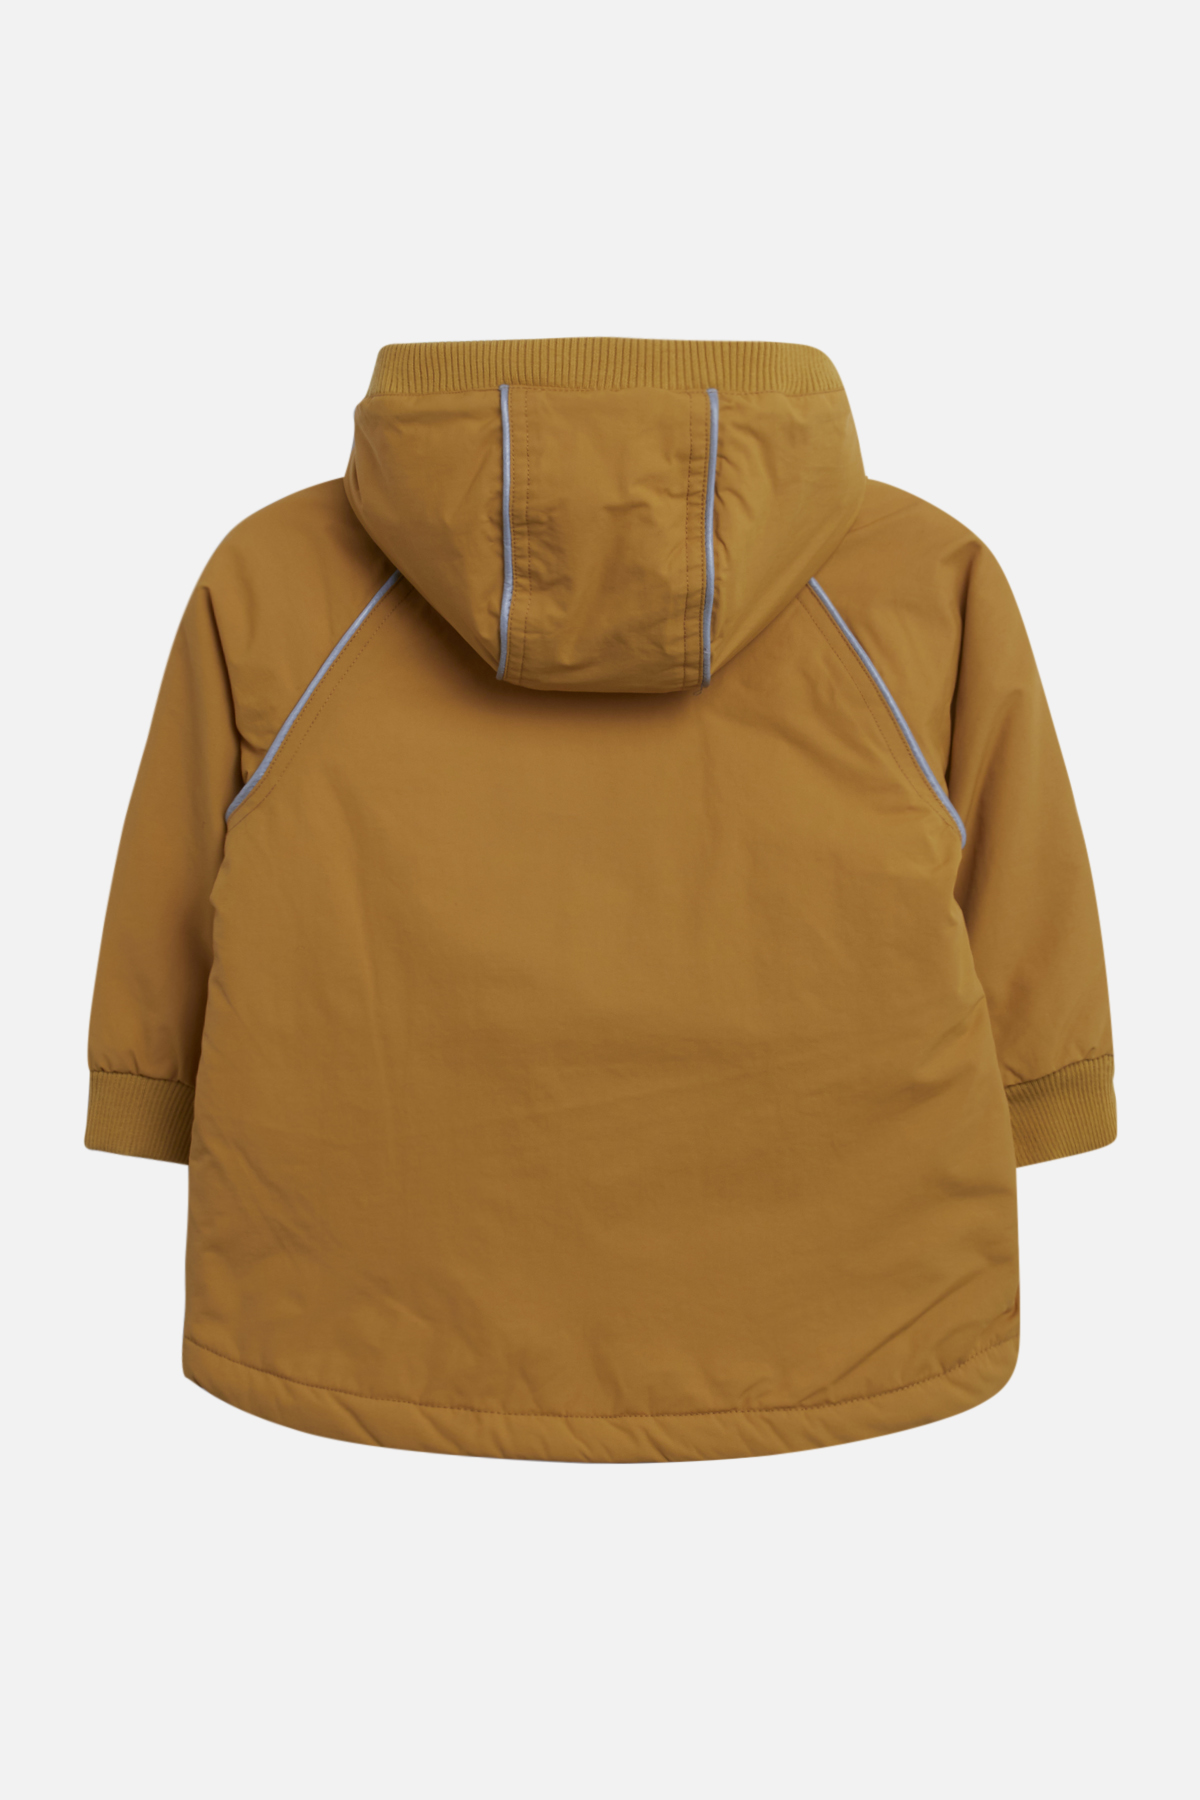 Uni - Obi - Jacket